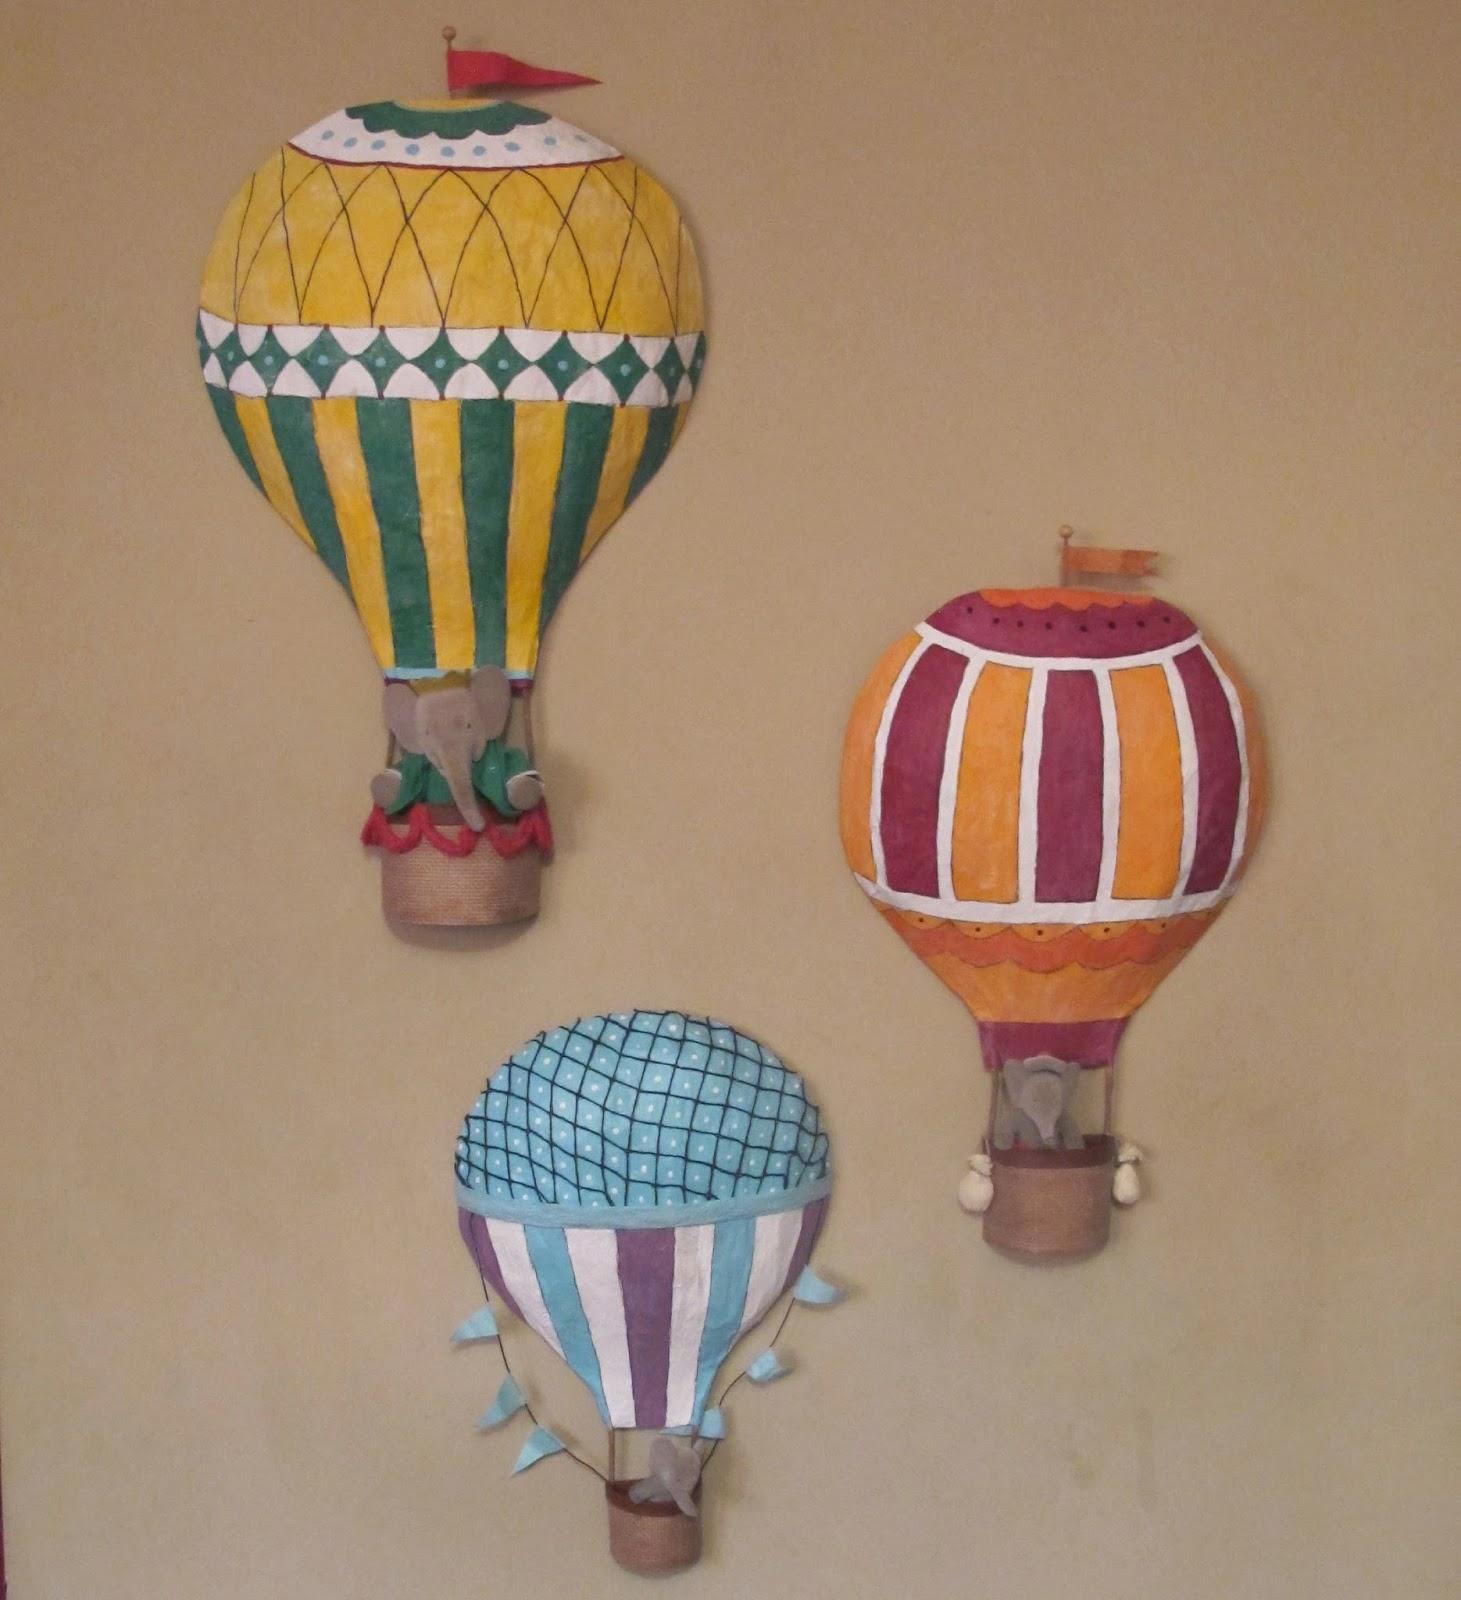 M ann m rainbow in the sky hot air balloon set for How to make a small air balloon